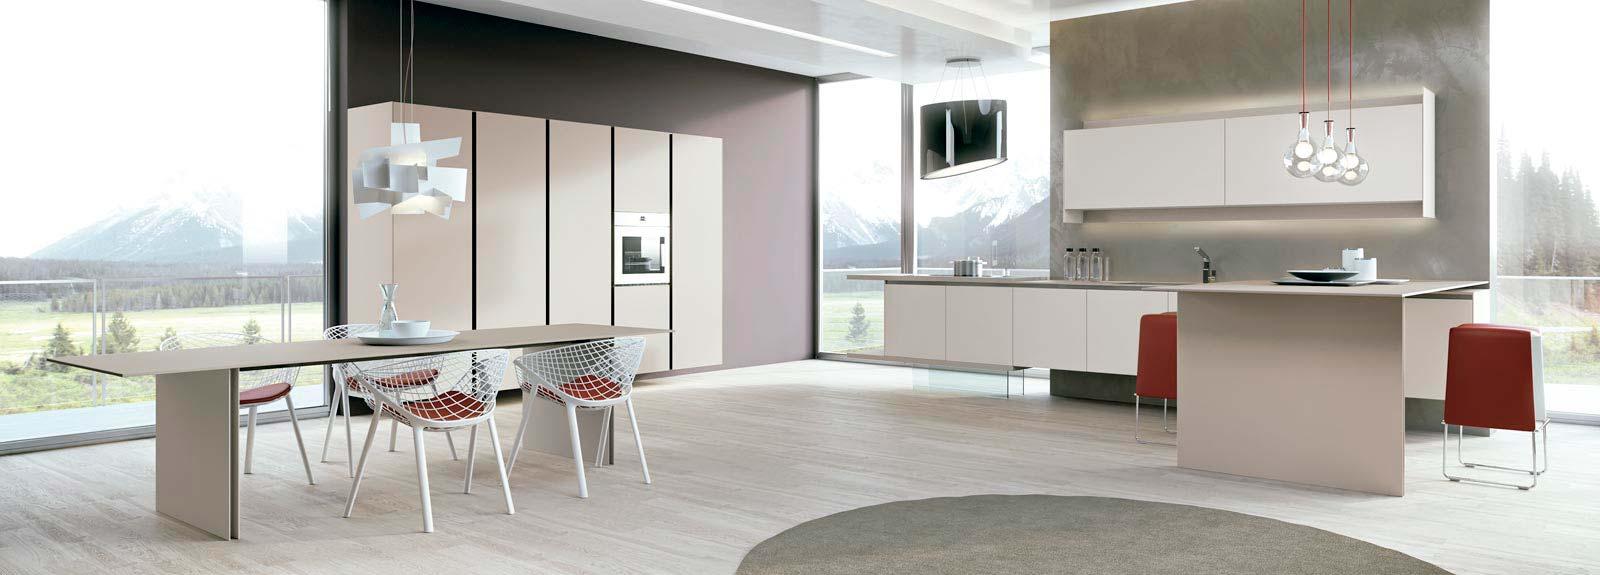 decoracion-cocinas-murcia-7